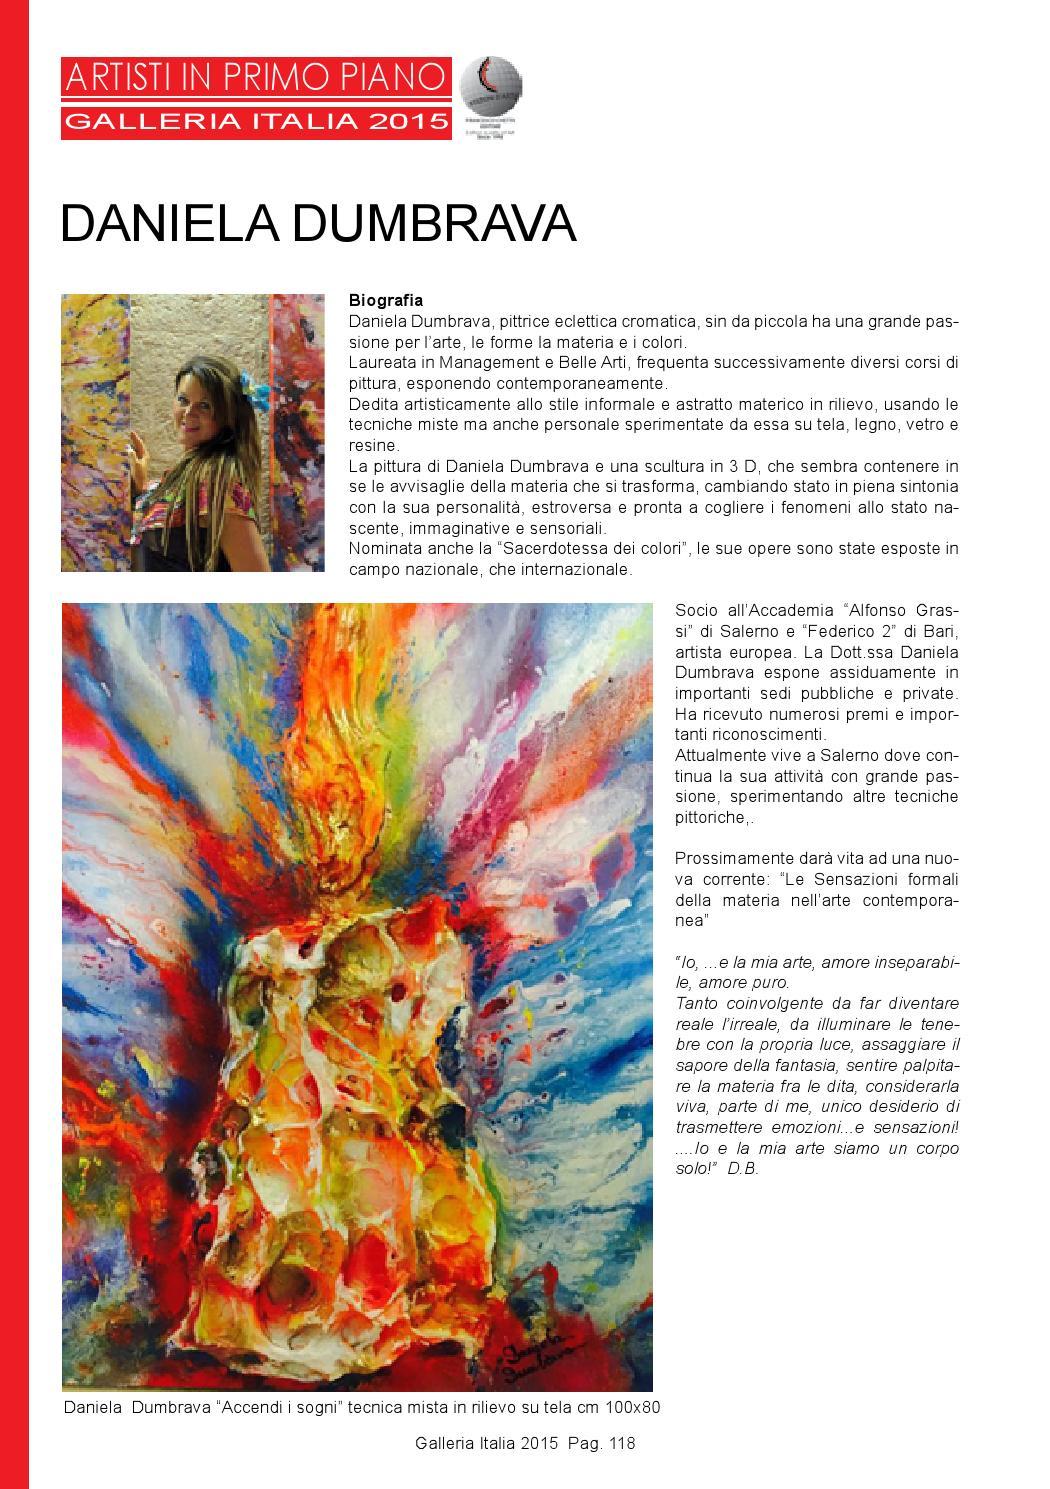 Galleria Italia 2015 Speciale 56 Biennale Di Venezia By Francesco Chetta Editore